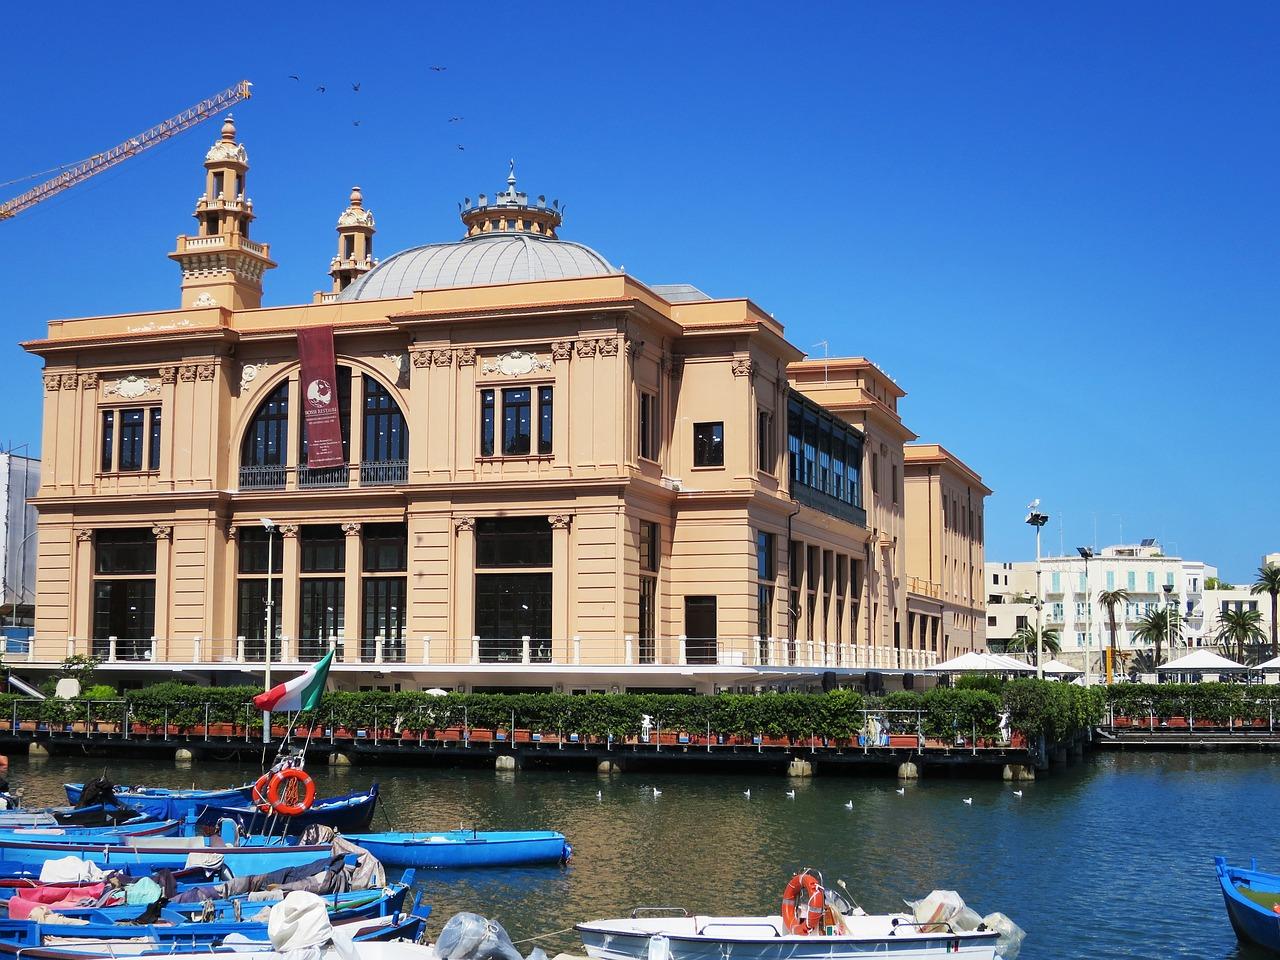 Am Hafen der Gemeinde an der Adriaküste kann man perfekt ausgehen